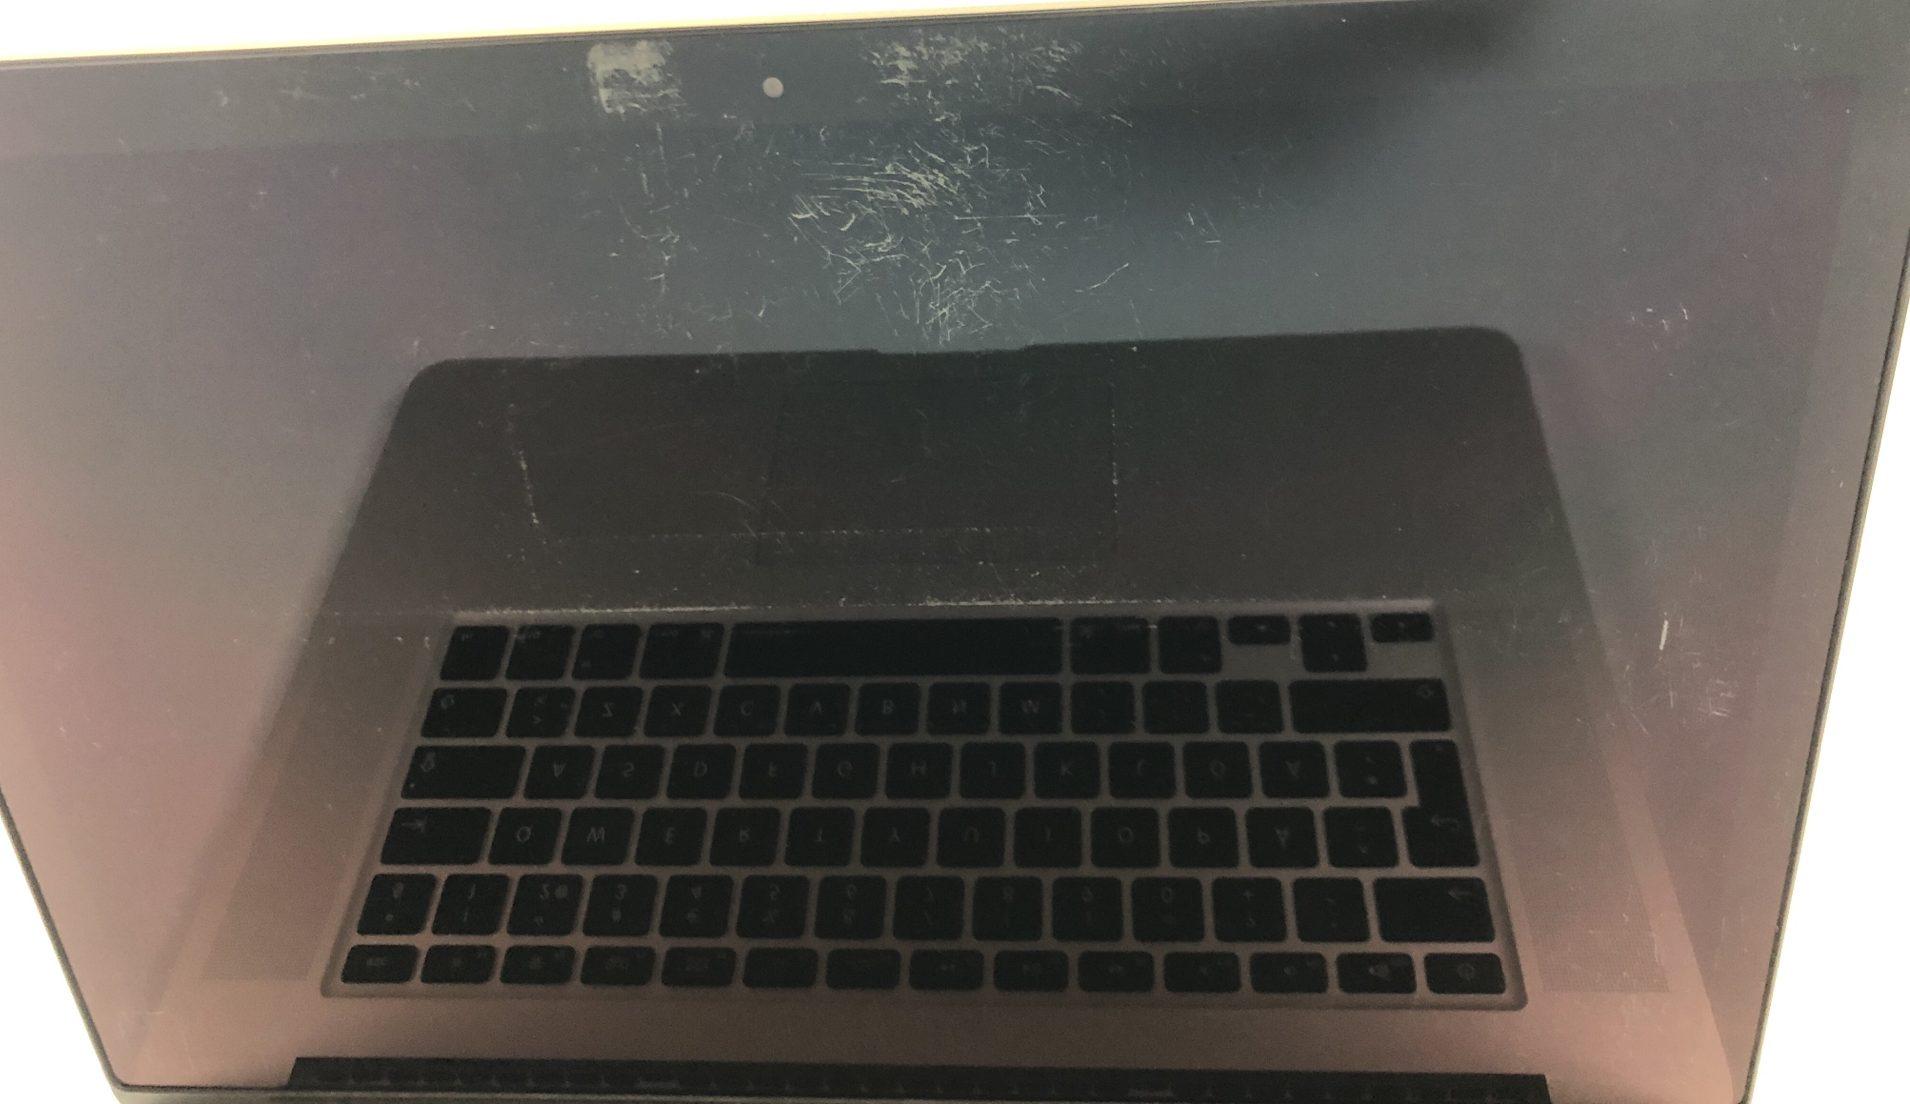 """MacBook Pro Retina 15"""" Mid 2015 (Intel Quad-Core i7 2.8 GHz 16 GB RAM 512 GB SSD), Intel Quad-Core i7 2.8 GHz, 16 GB RAM, 512 GB SSD, Kuva 4"""